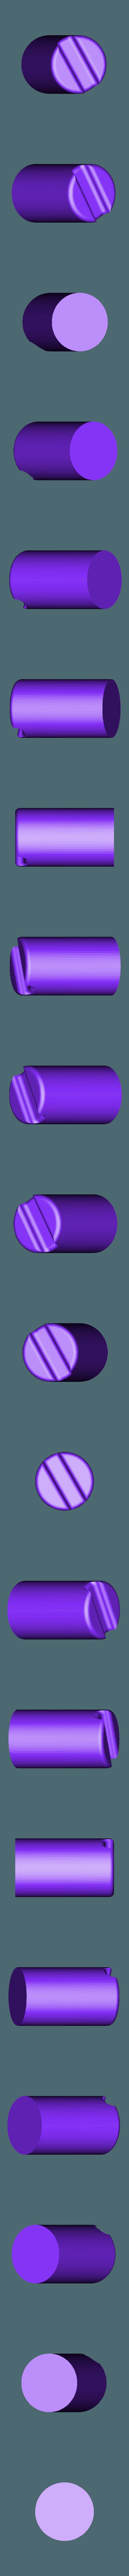 Scope_Dial.stl Download free STL file Borderlands Bandit Room Clener Shotgun • 3D printer object, Dsk